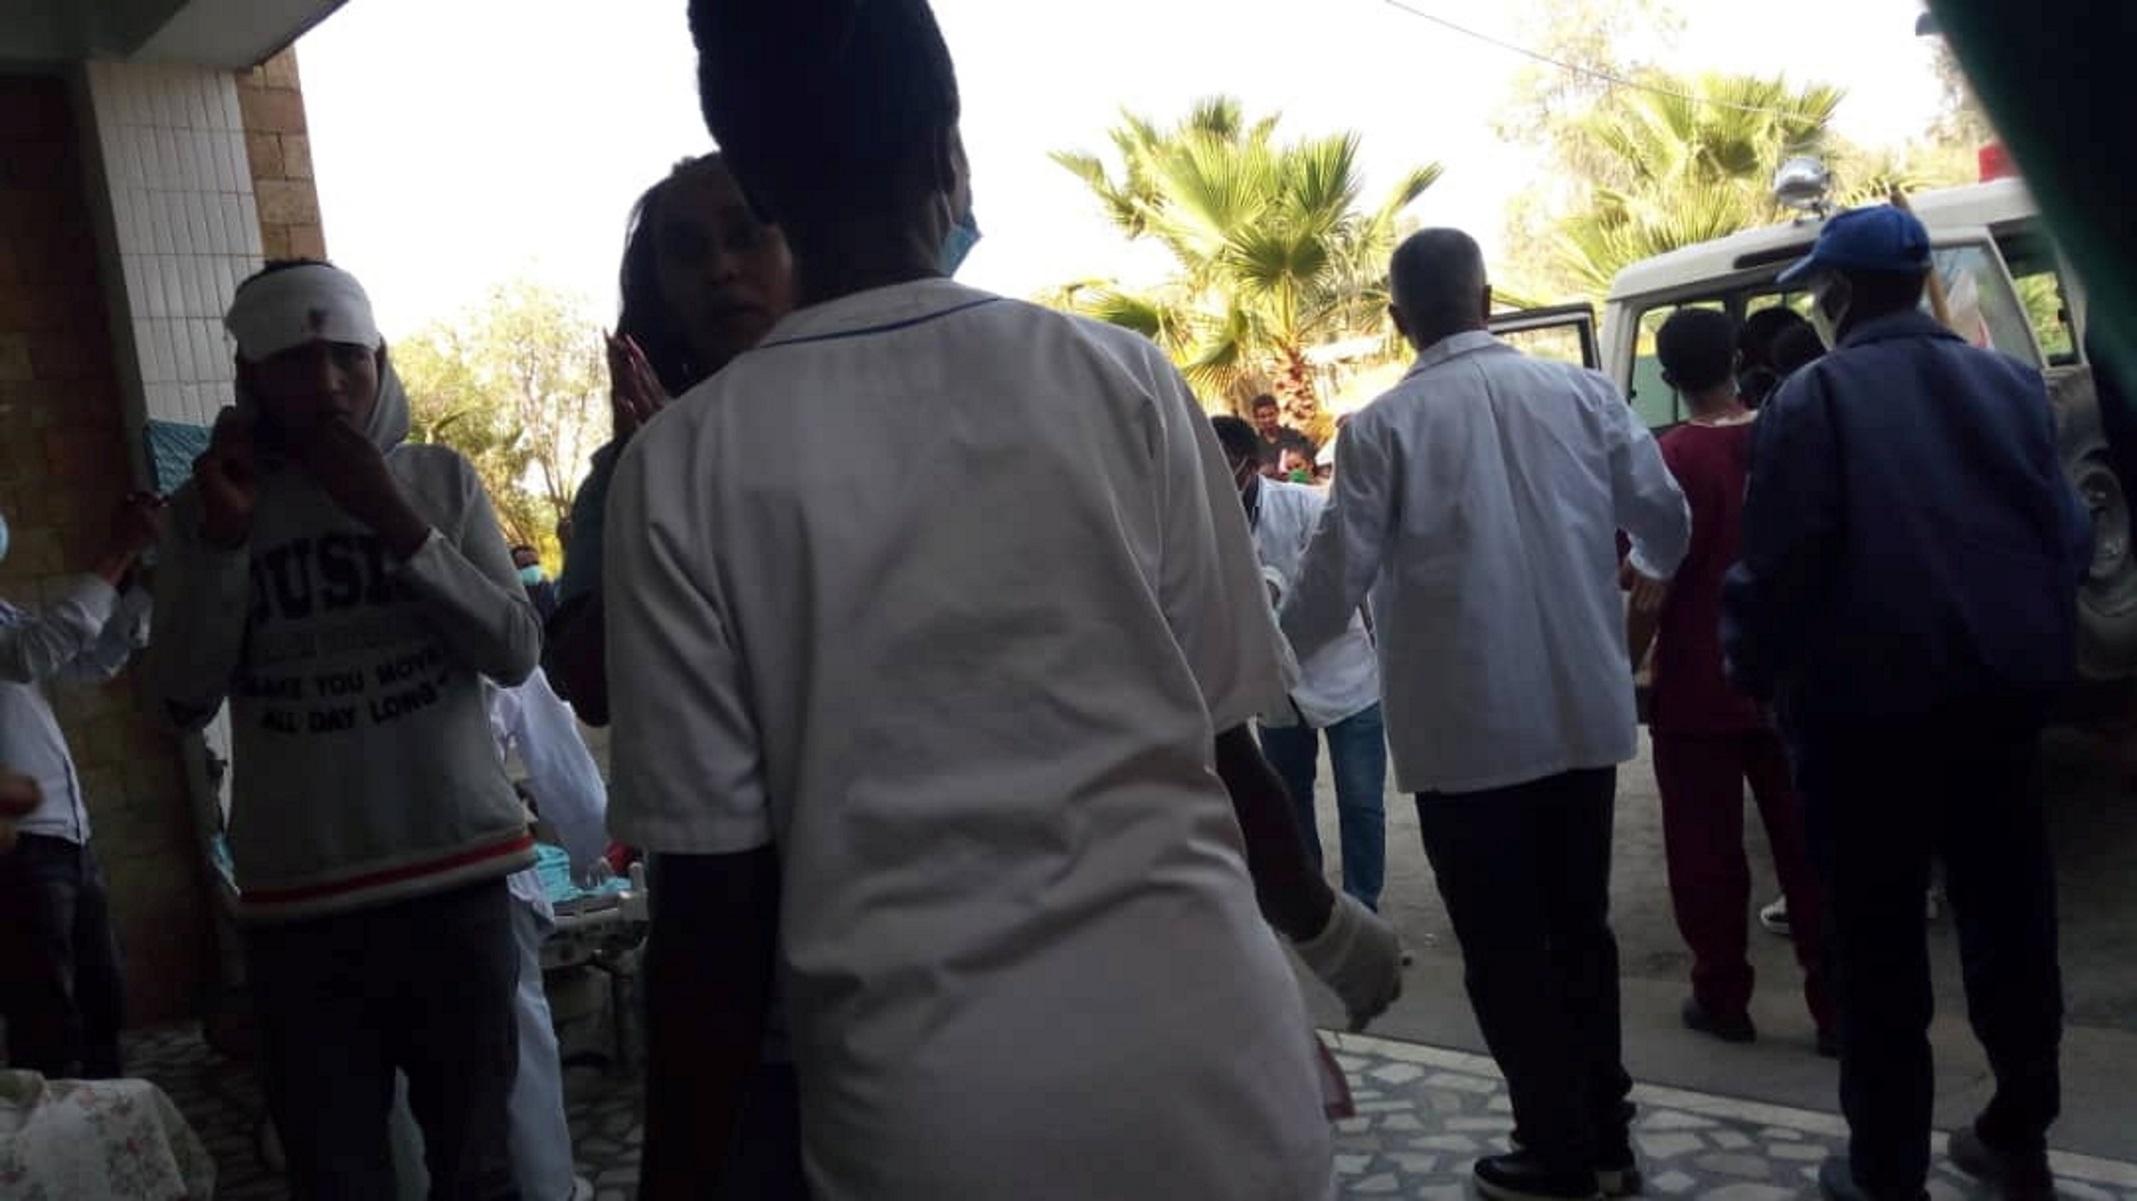 Συναγερμός στην Αιθιοπία: Οι δυνάμεις του Τιγκράι κατέλαβαν την πόλη Σίρε